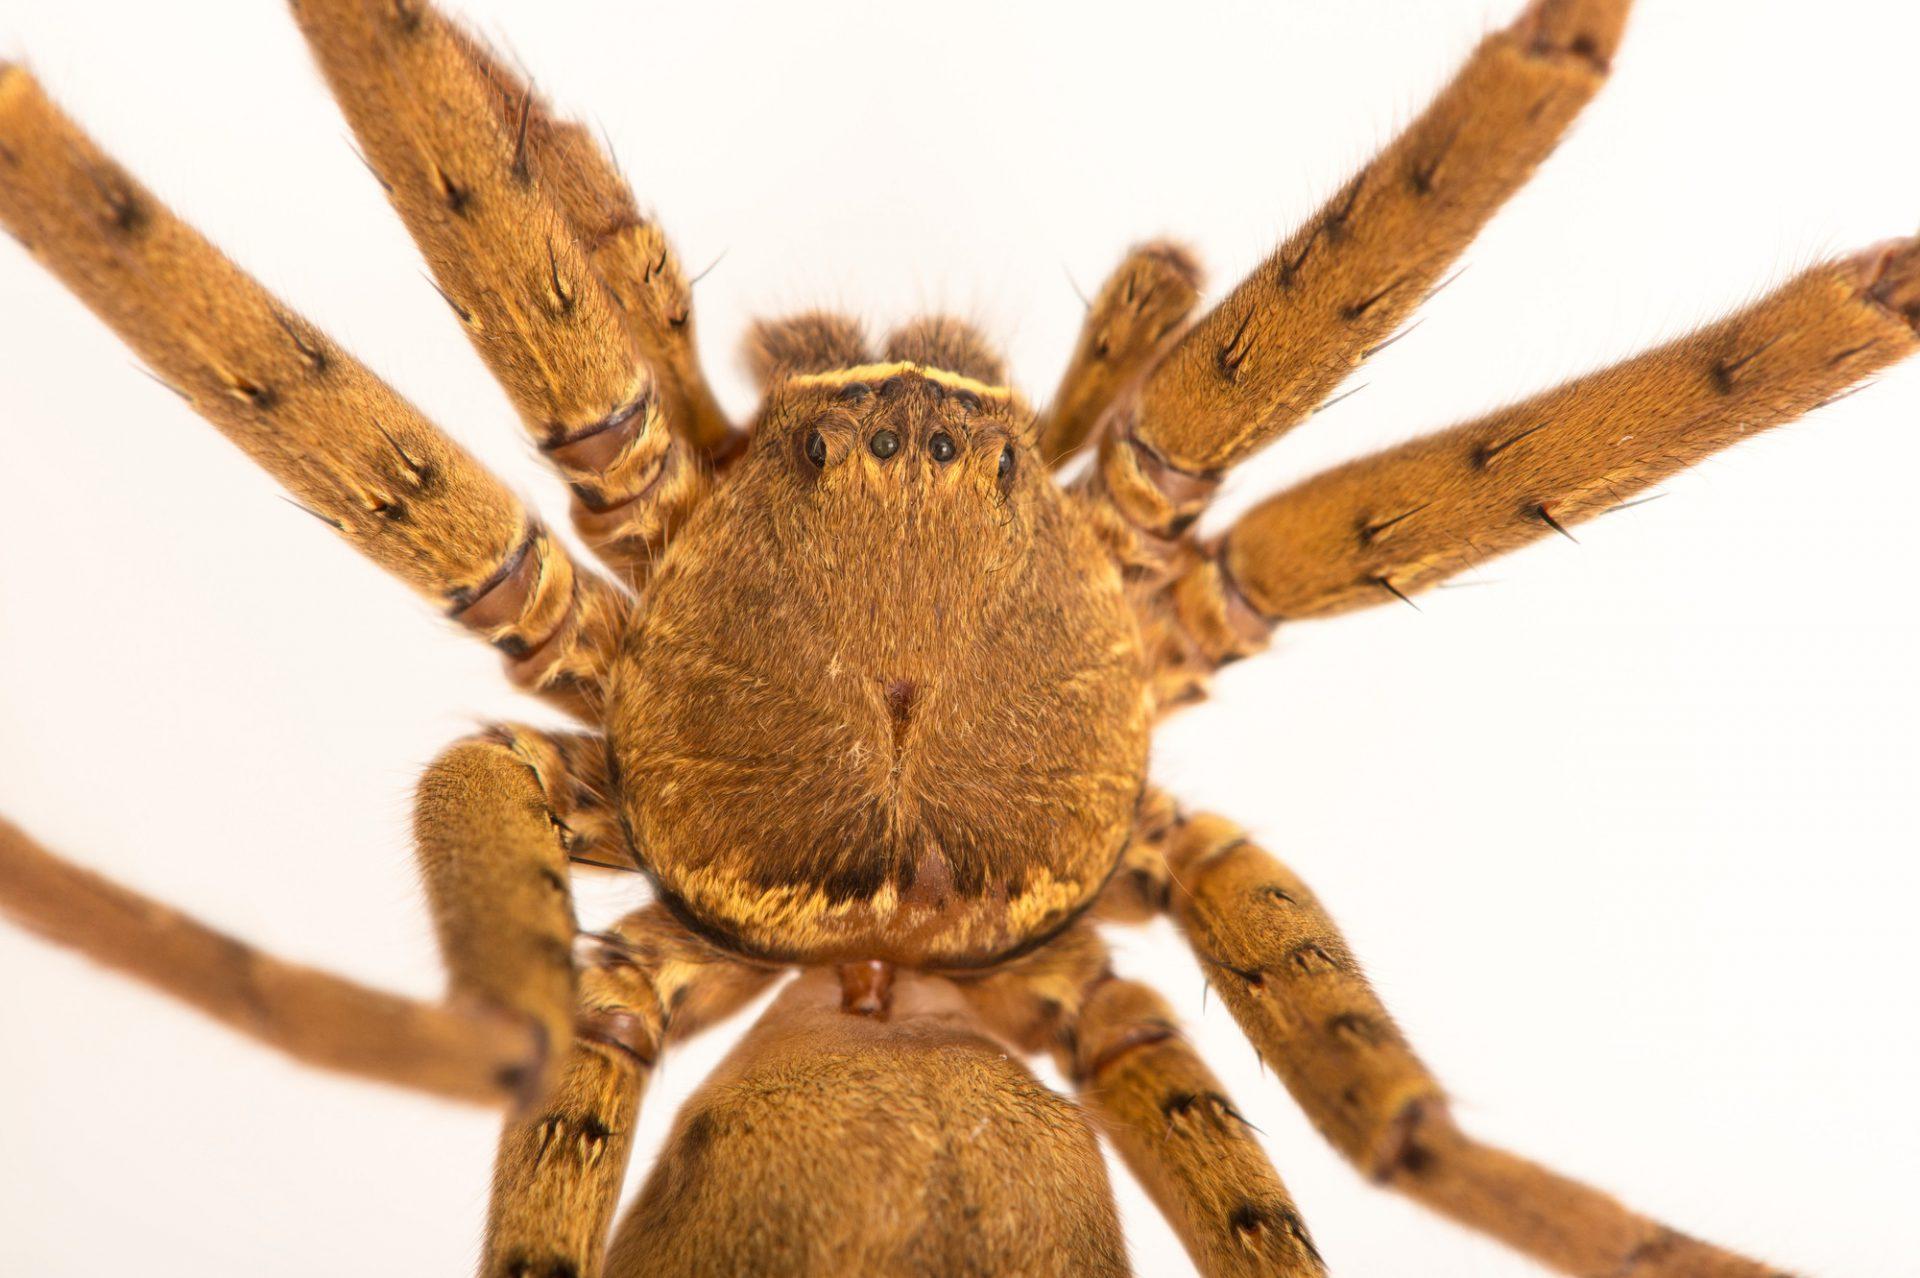 Picture of a Huntsman spider (Heteropoda venatoria) at the Central Florida Zoo.